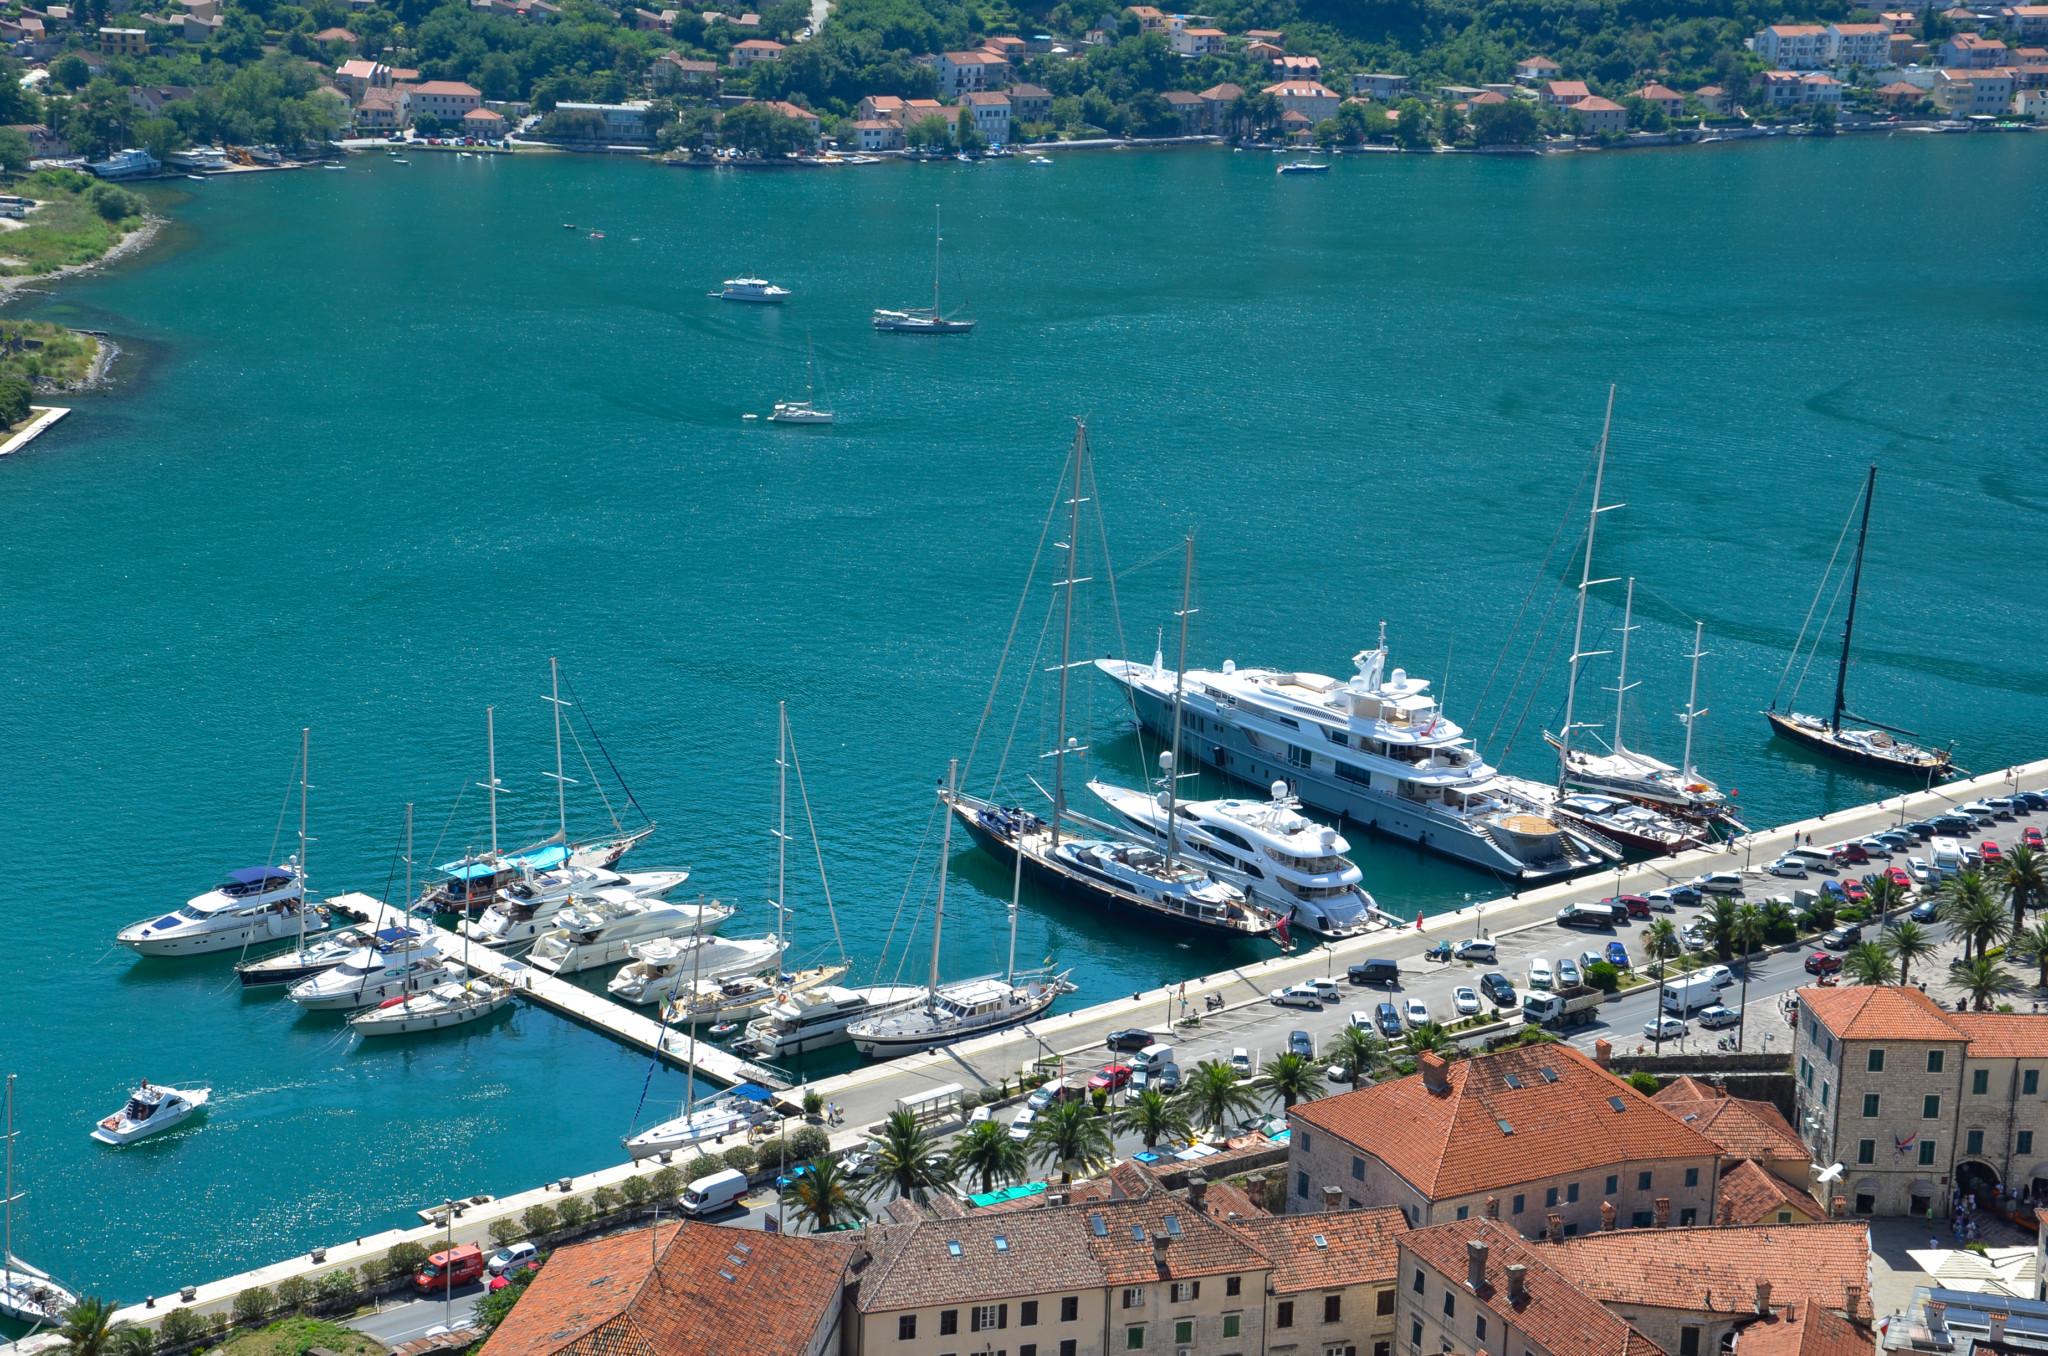 Yachten im Hafen von Kotor mitten in der Bucht Montenegros